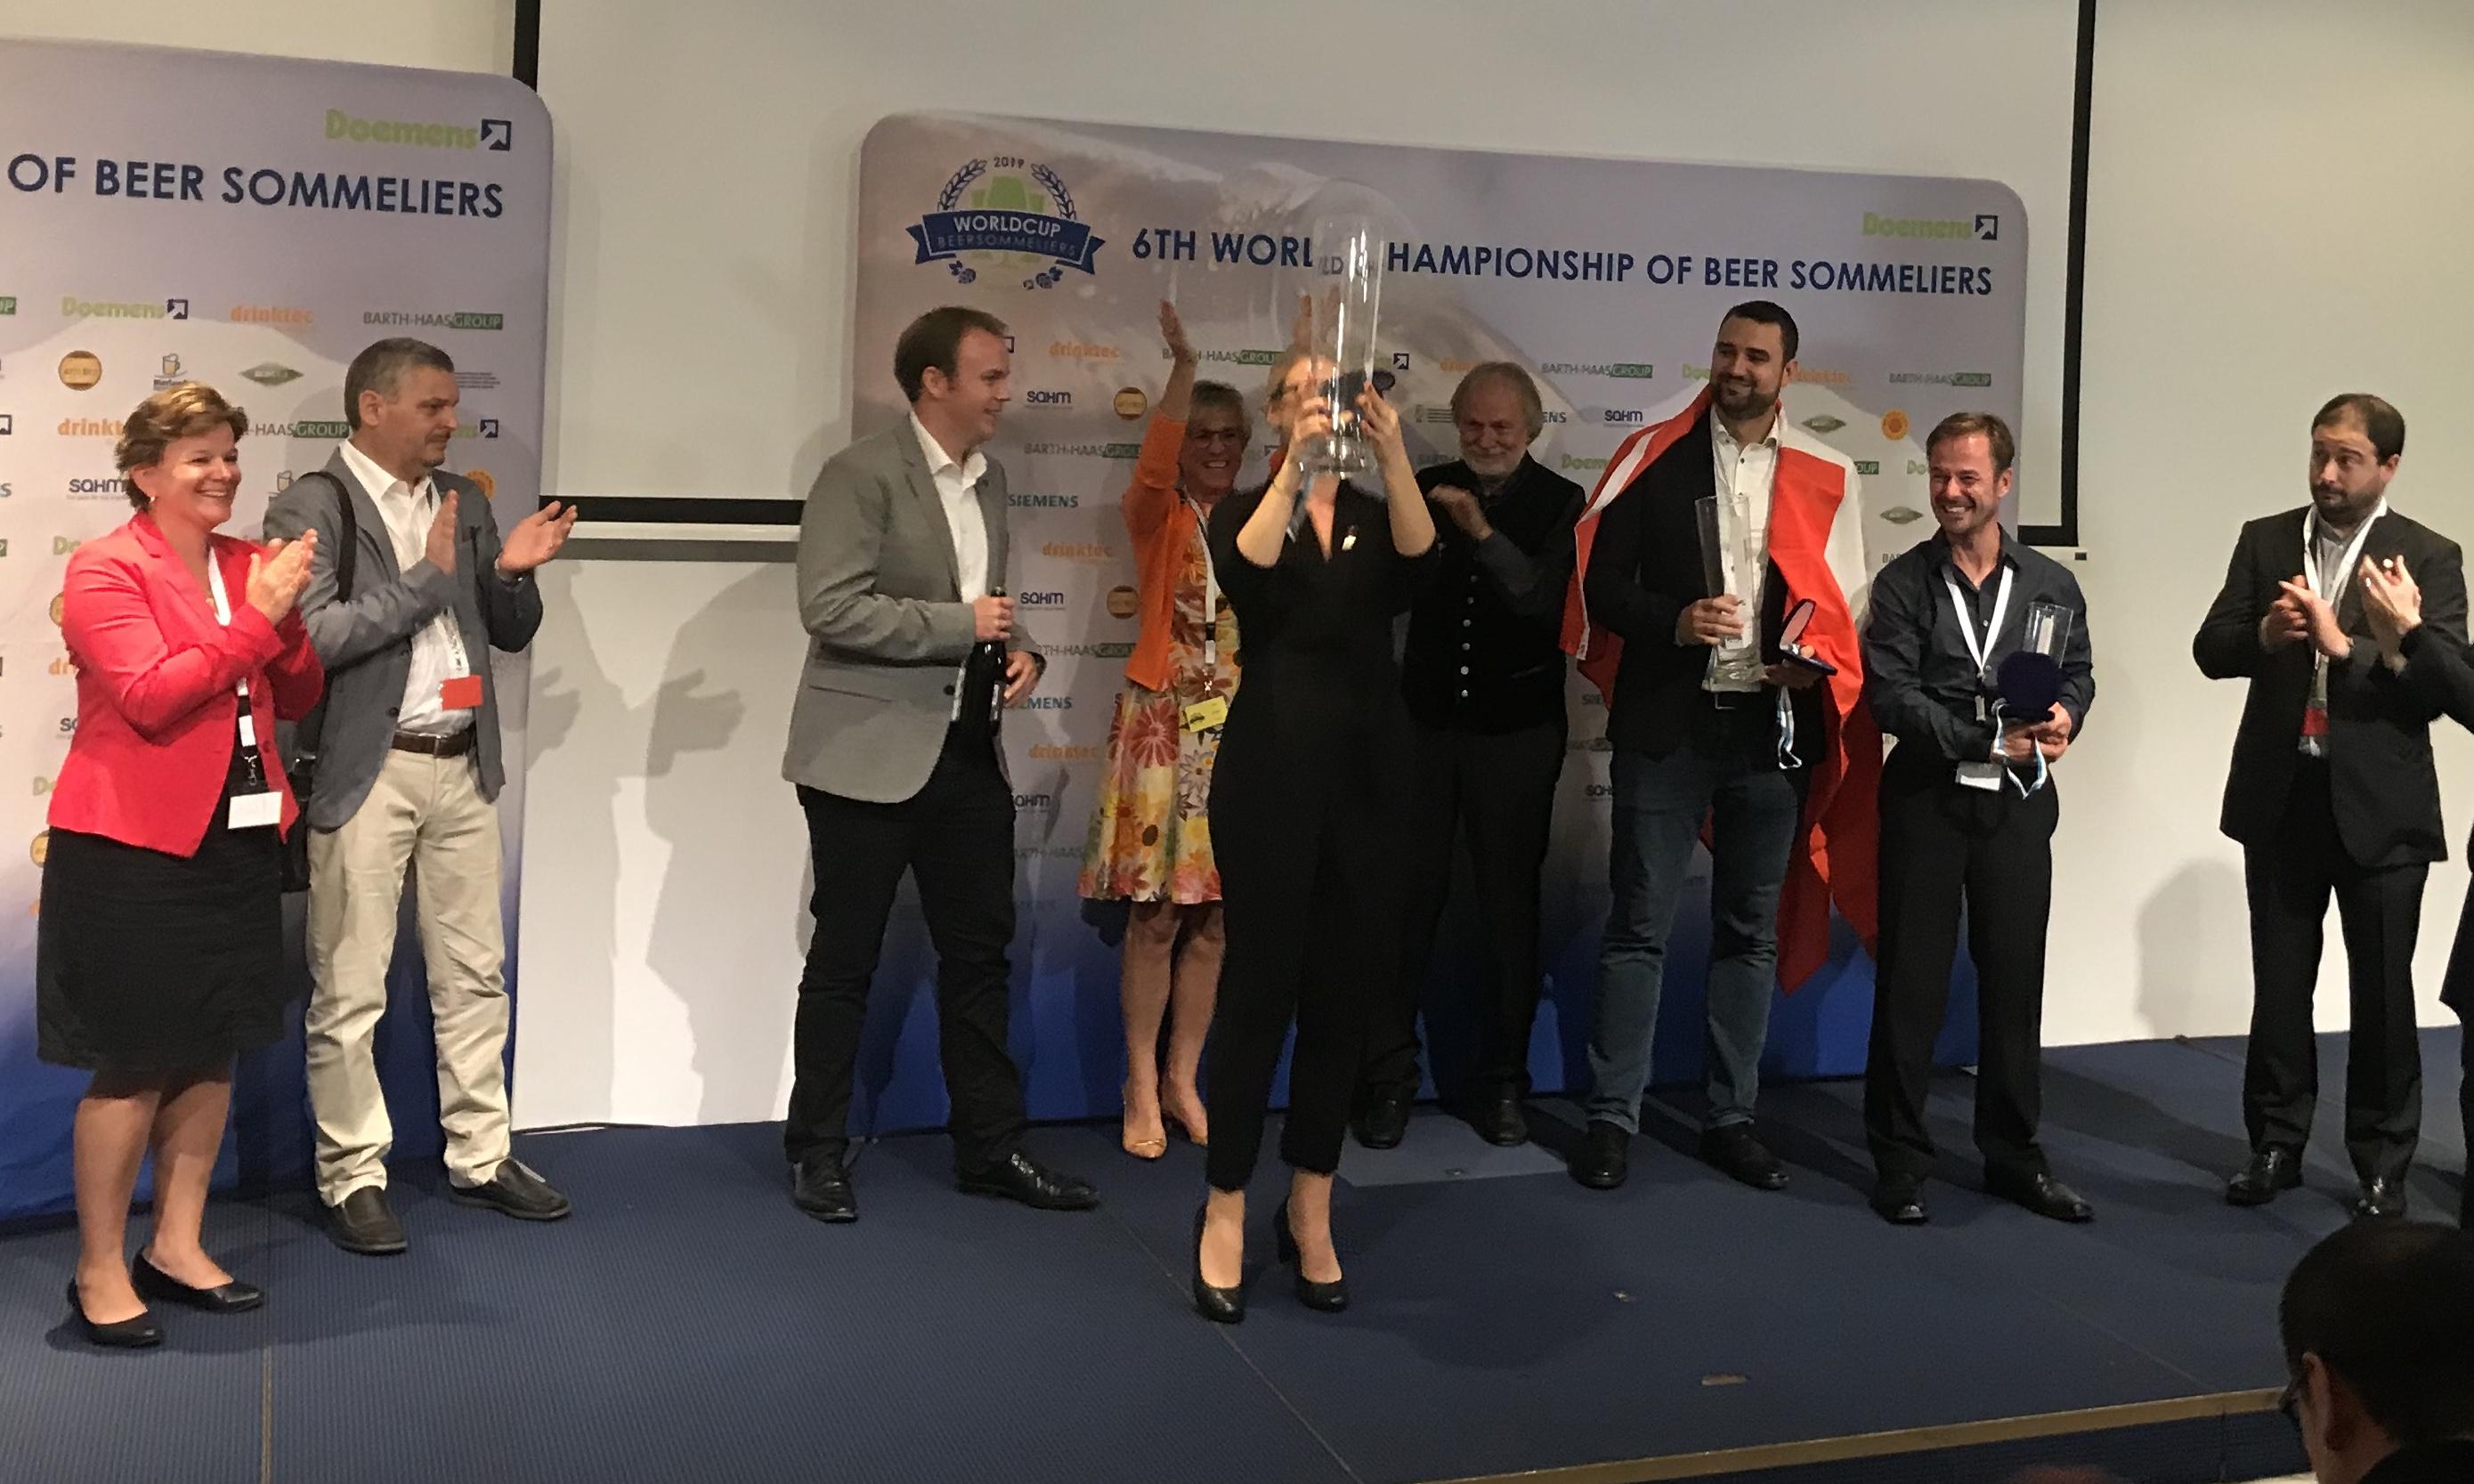 Elisa Raus is wereldkampioen biersommelier